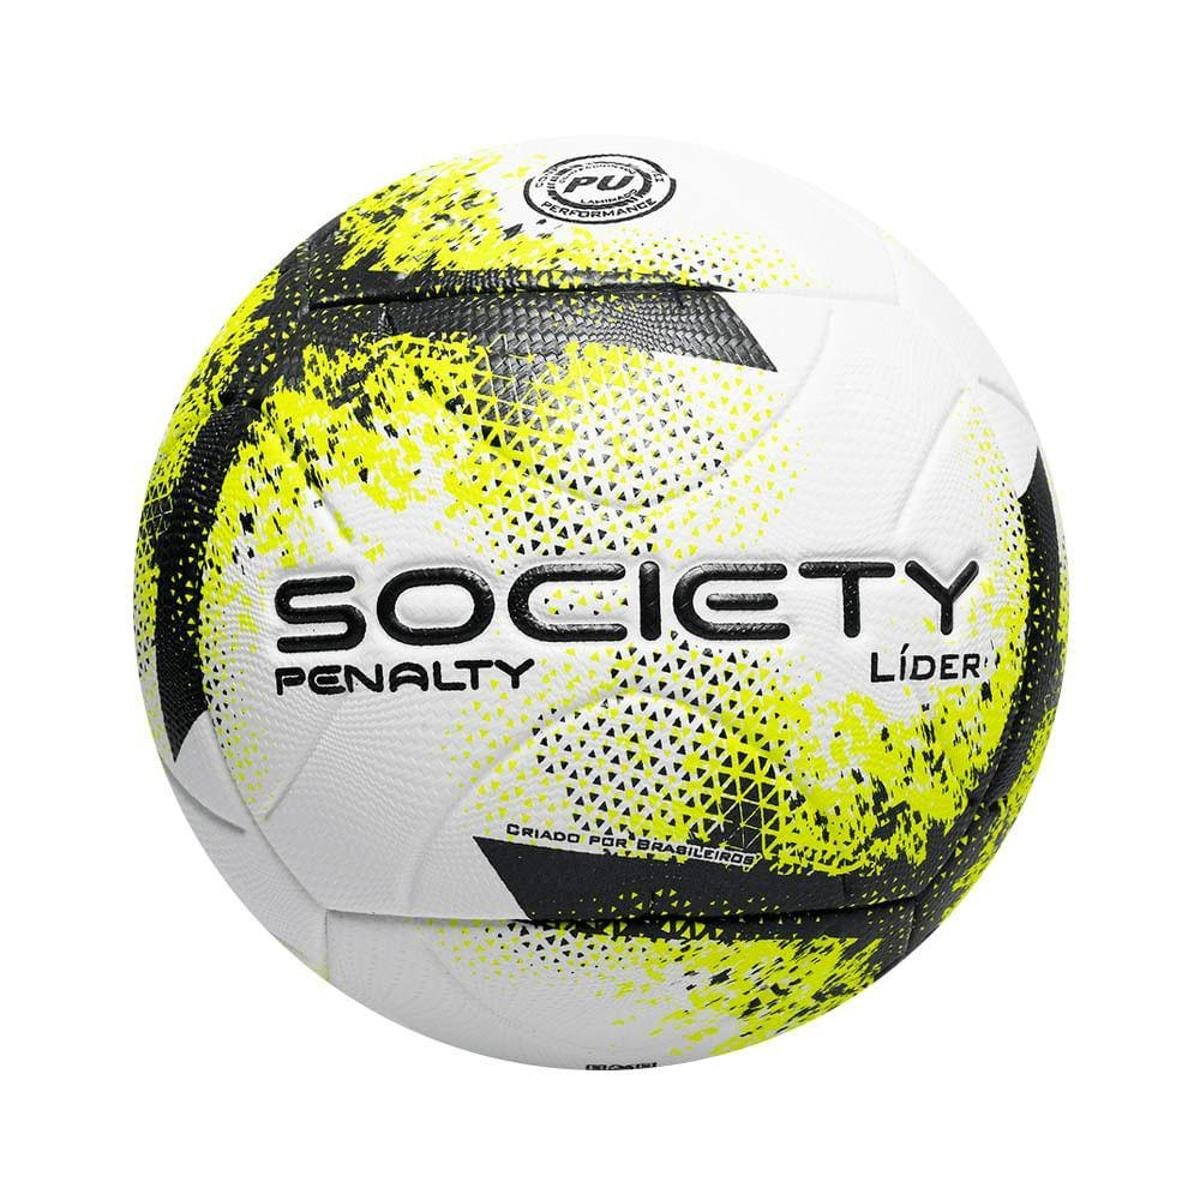 Bola de Futebol Society Penalty Líder XXI Branco e Amarelo